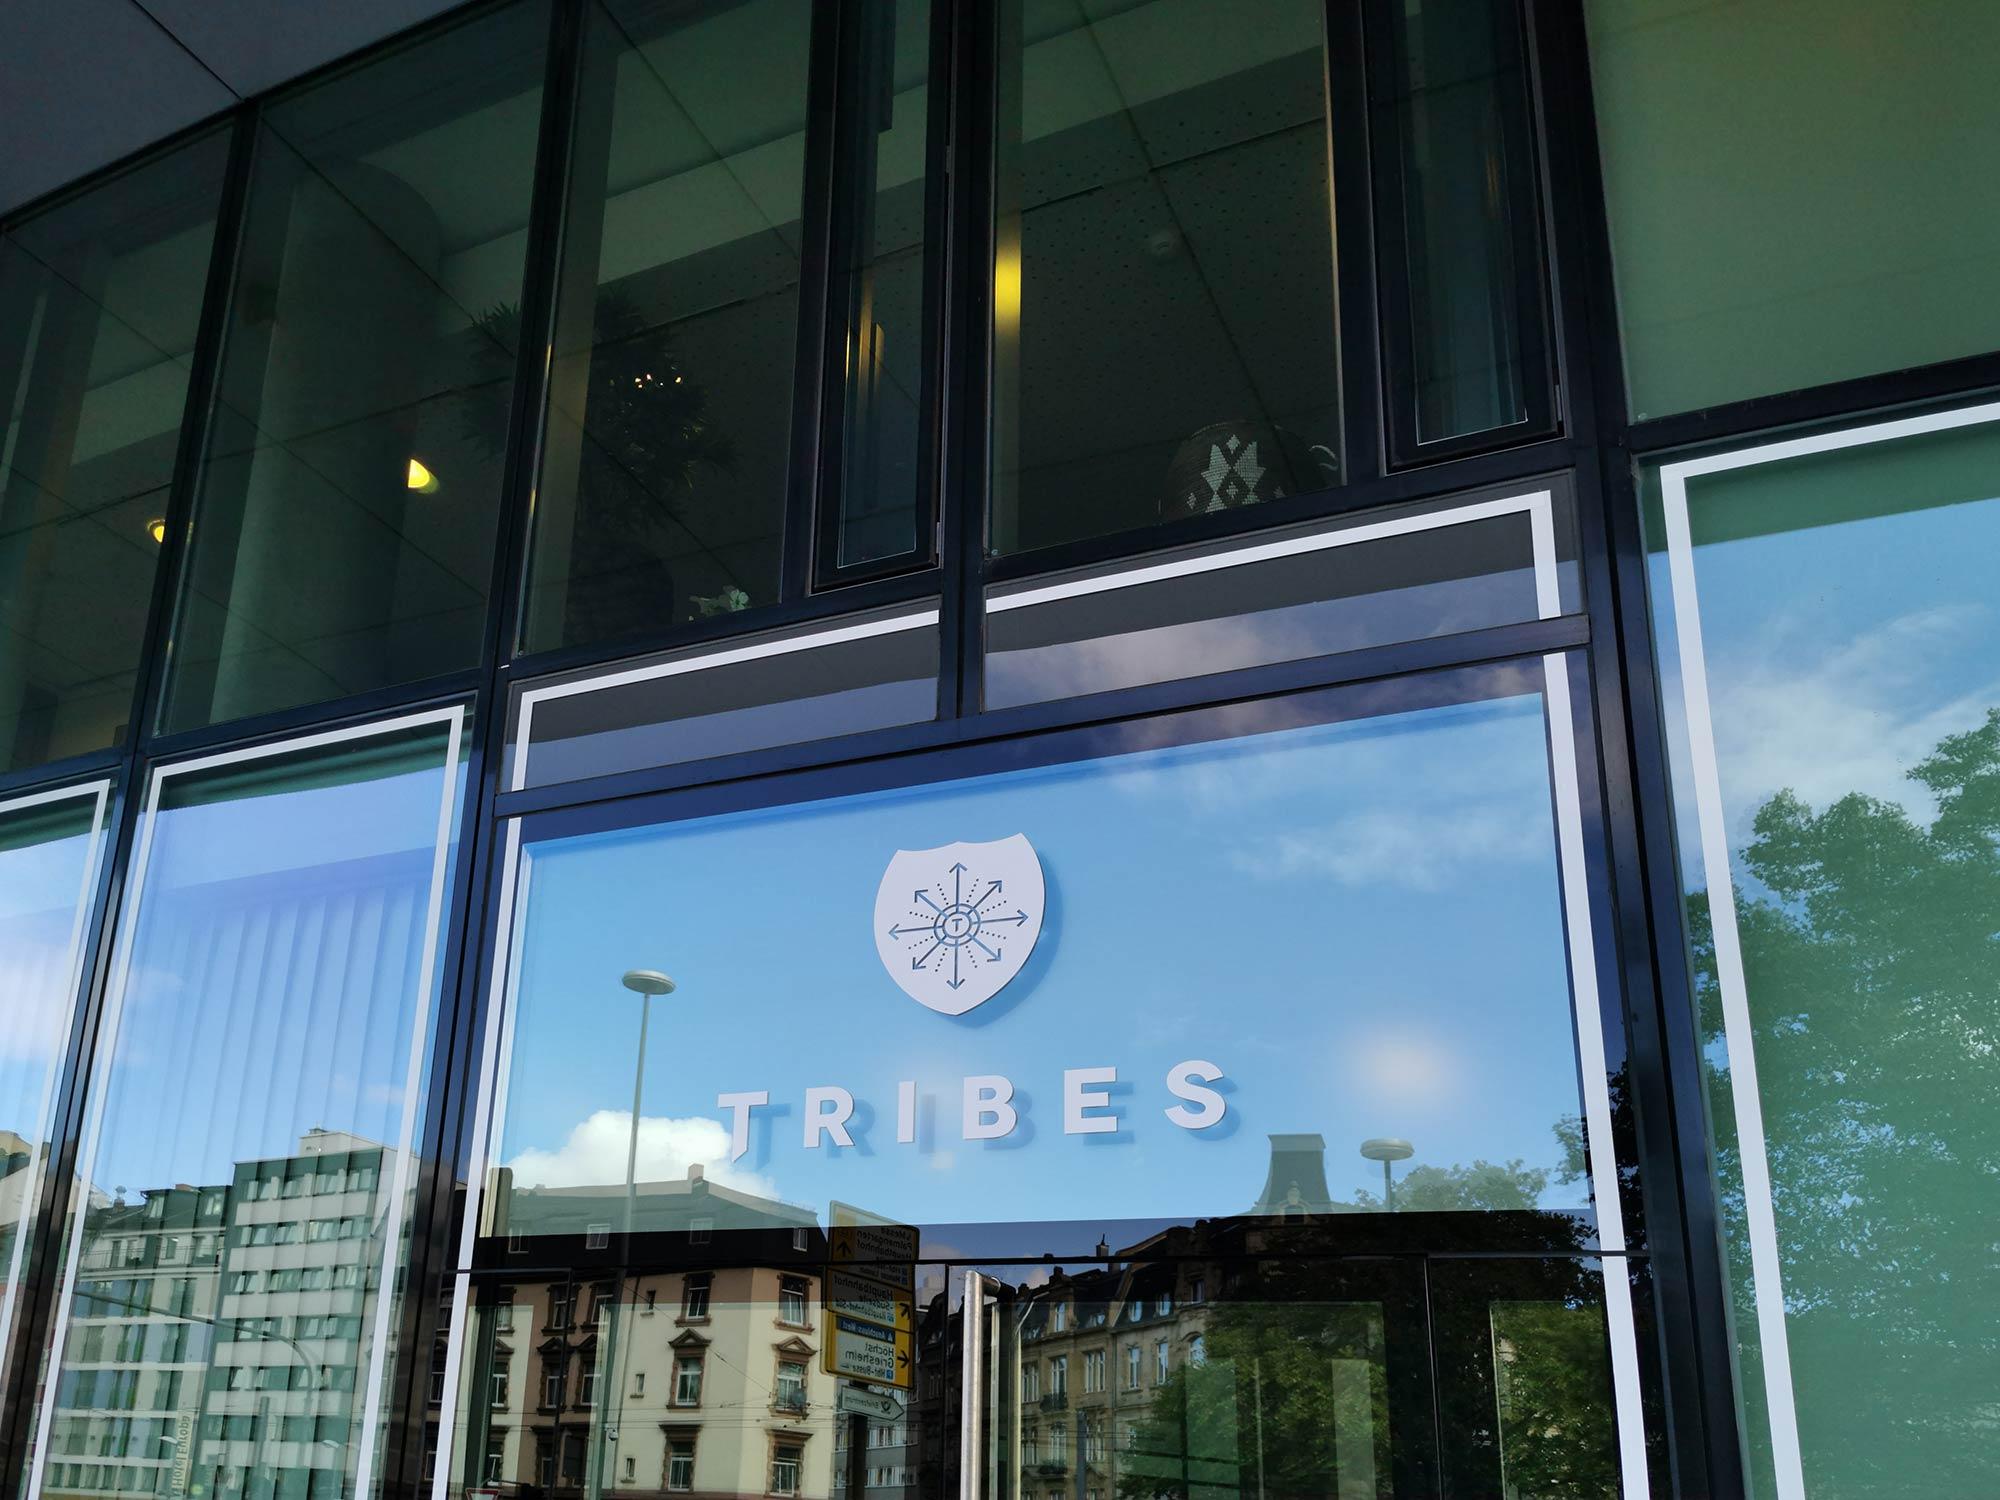 Tribes Frankfurt Innenstadt - Gallus Coworking - Gute Lage - Zentrale Lage am HBF FFM